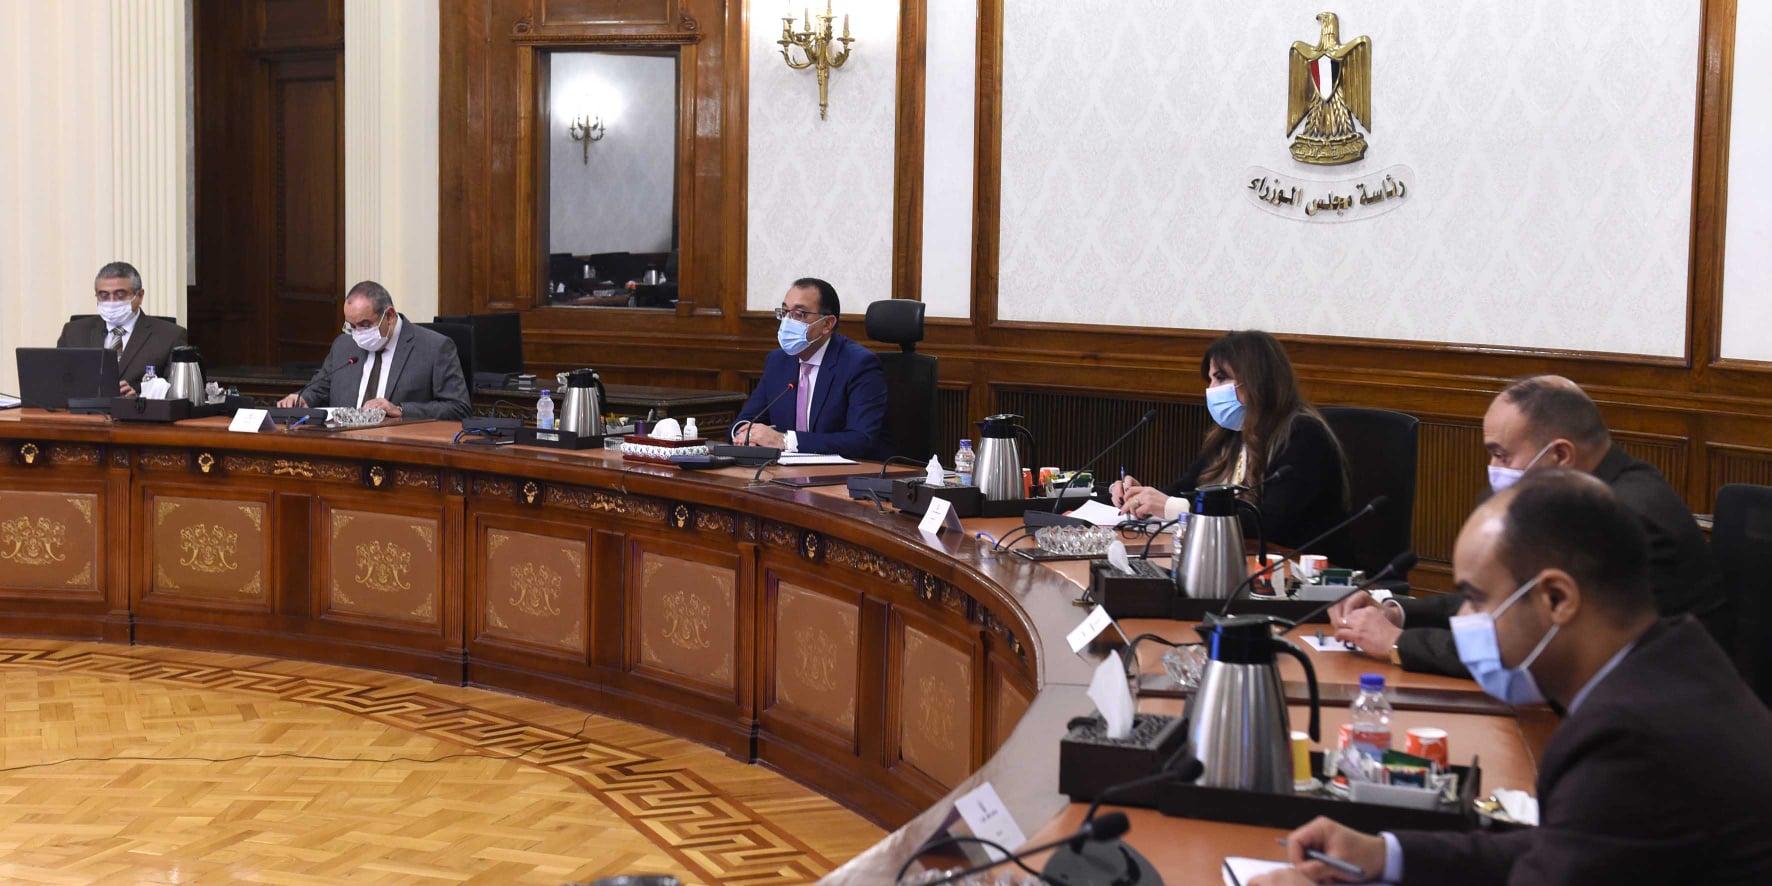 صور | رئيس الوزراء يستعرض ملفات عمل وزارة الطيران المدني خلال 2020